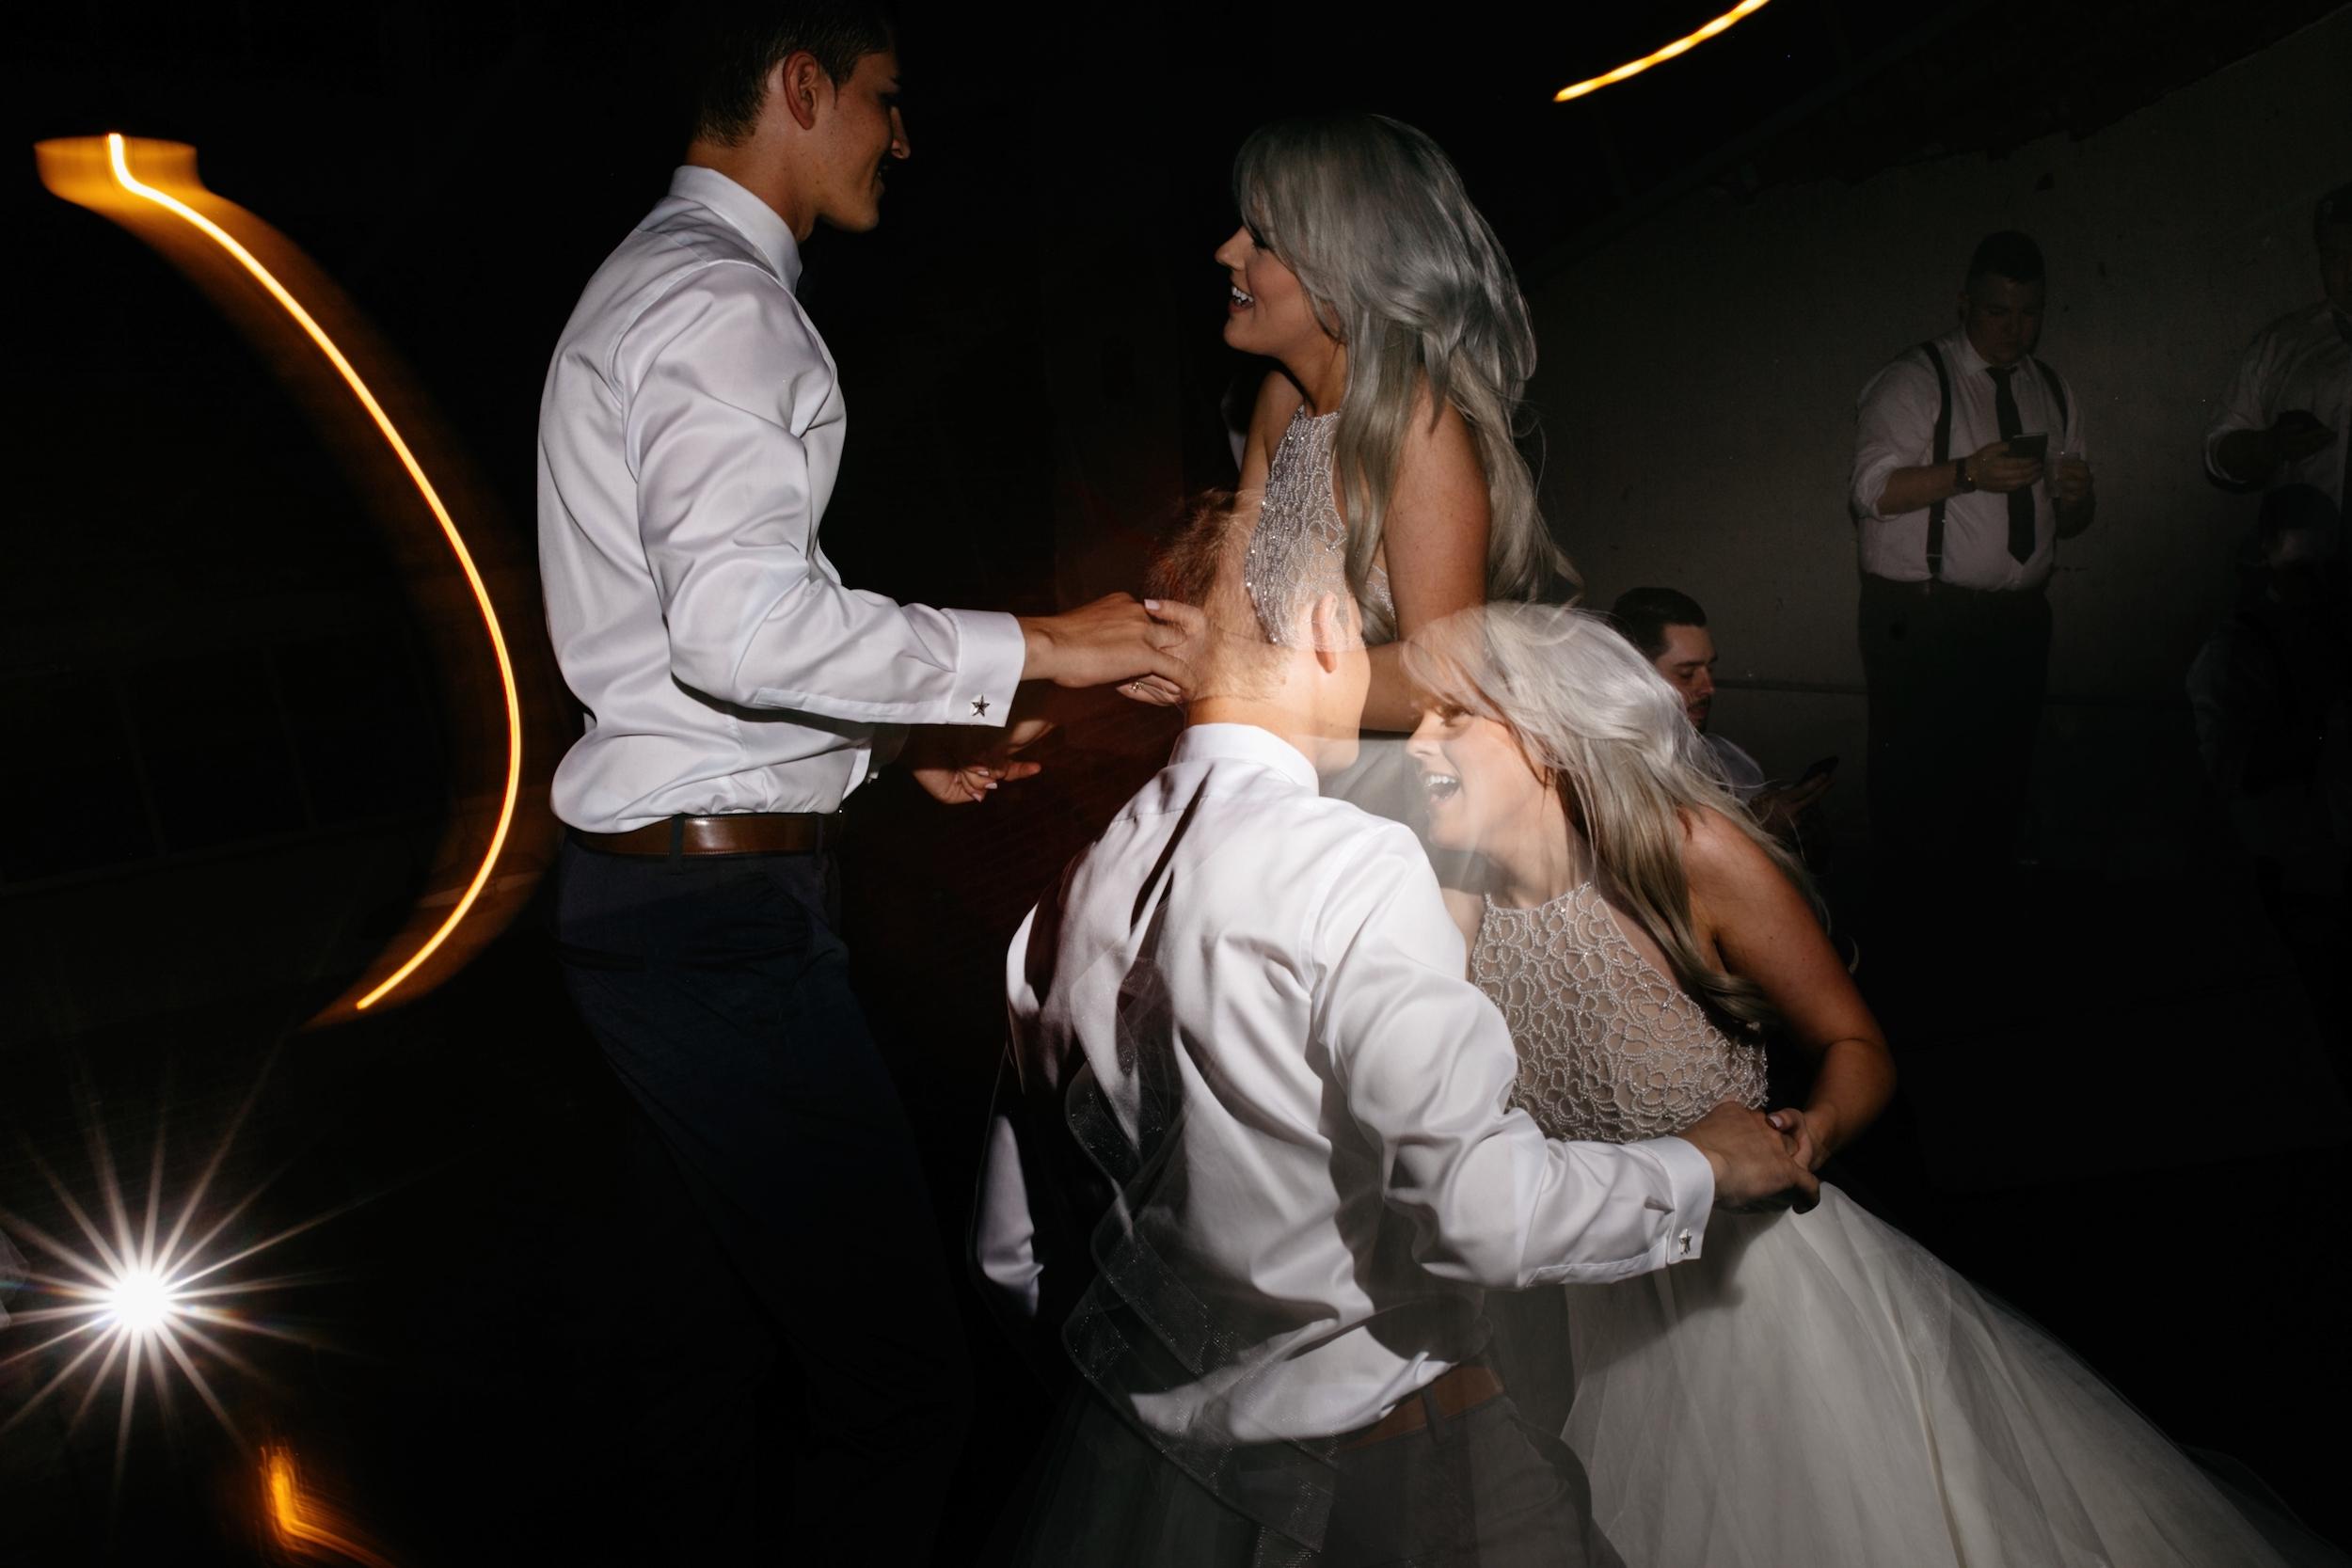 arizona - wedding - photography 01820.jpg